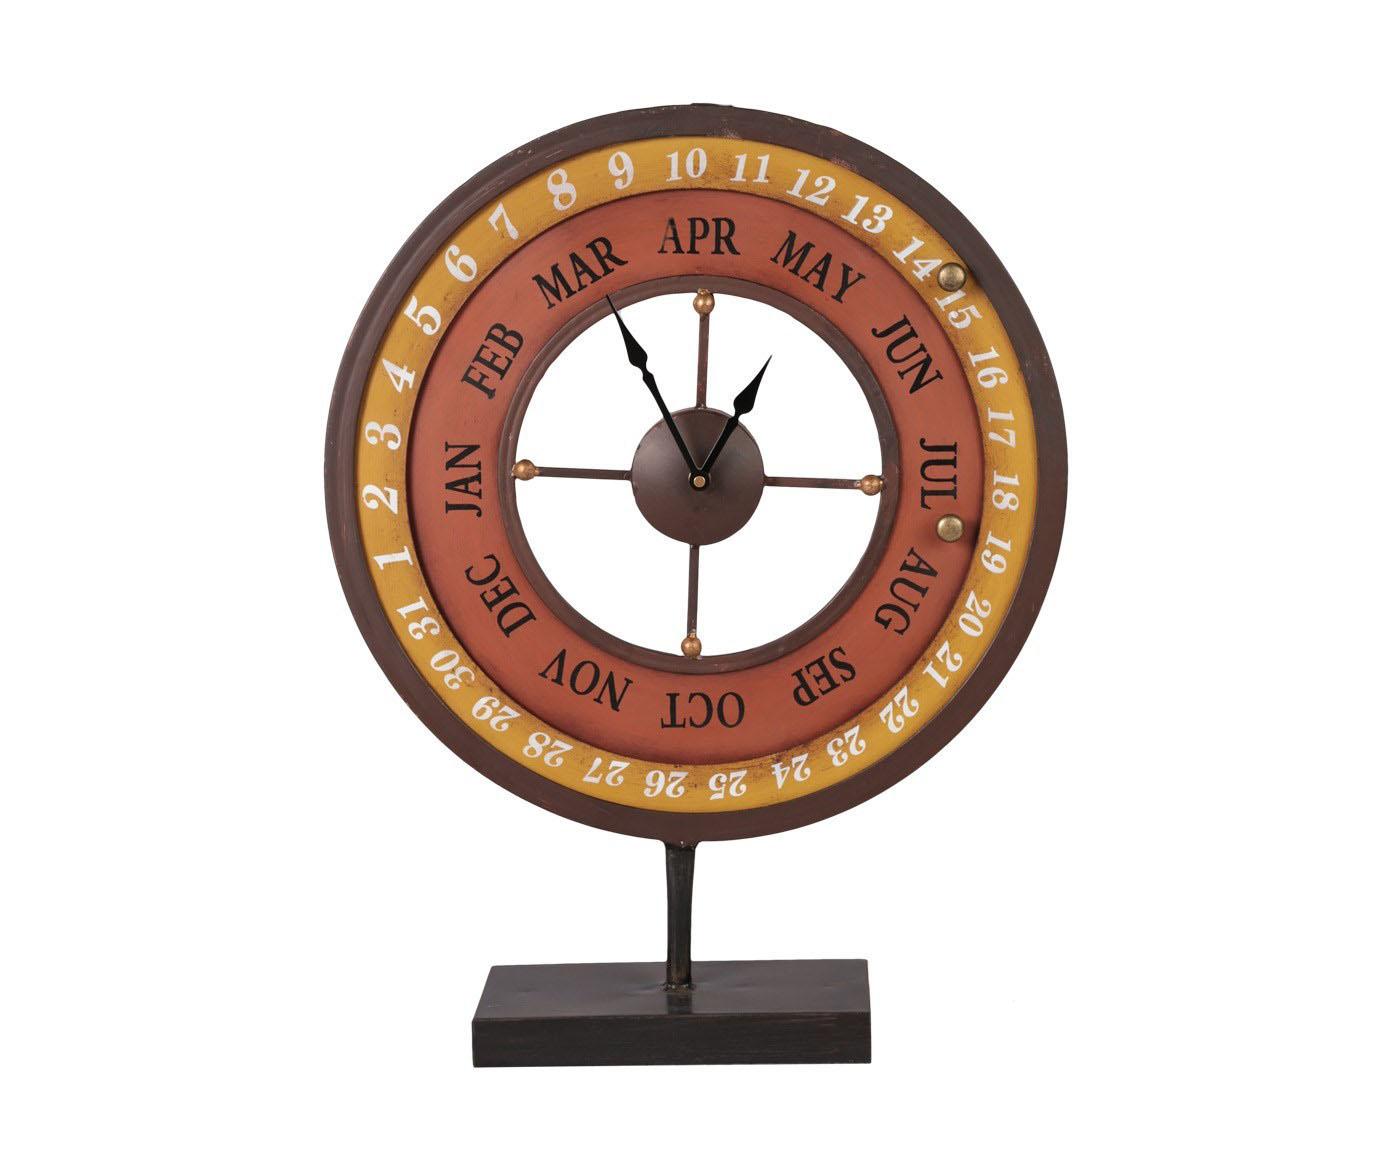 Часы - календарьНастольные часы<br>Оригинальные часы, которые с легкостью можно назвать два в одном. Так как они используются не только как часы , но и как календарь.&amp;amp;nbsp;&amp;lt;div&amp;gt;&amp;lt;span style=&amp;quot;line-height: 1.78571;&amp;quot;&amp;gt;Кварцевый механизм, работают от батарейки типа АА.&amp;lt;/span&amp;gt;&amp;lt;br&amp;gt;&amp;lt;/div&amp;gt;<br><br>Material: Металл<br>Width см: 47<br>Depth см: 12<br>Height см: 60,5